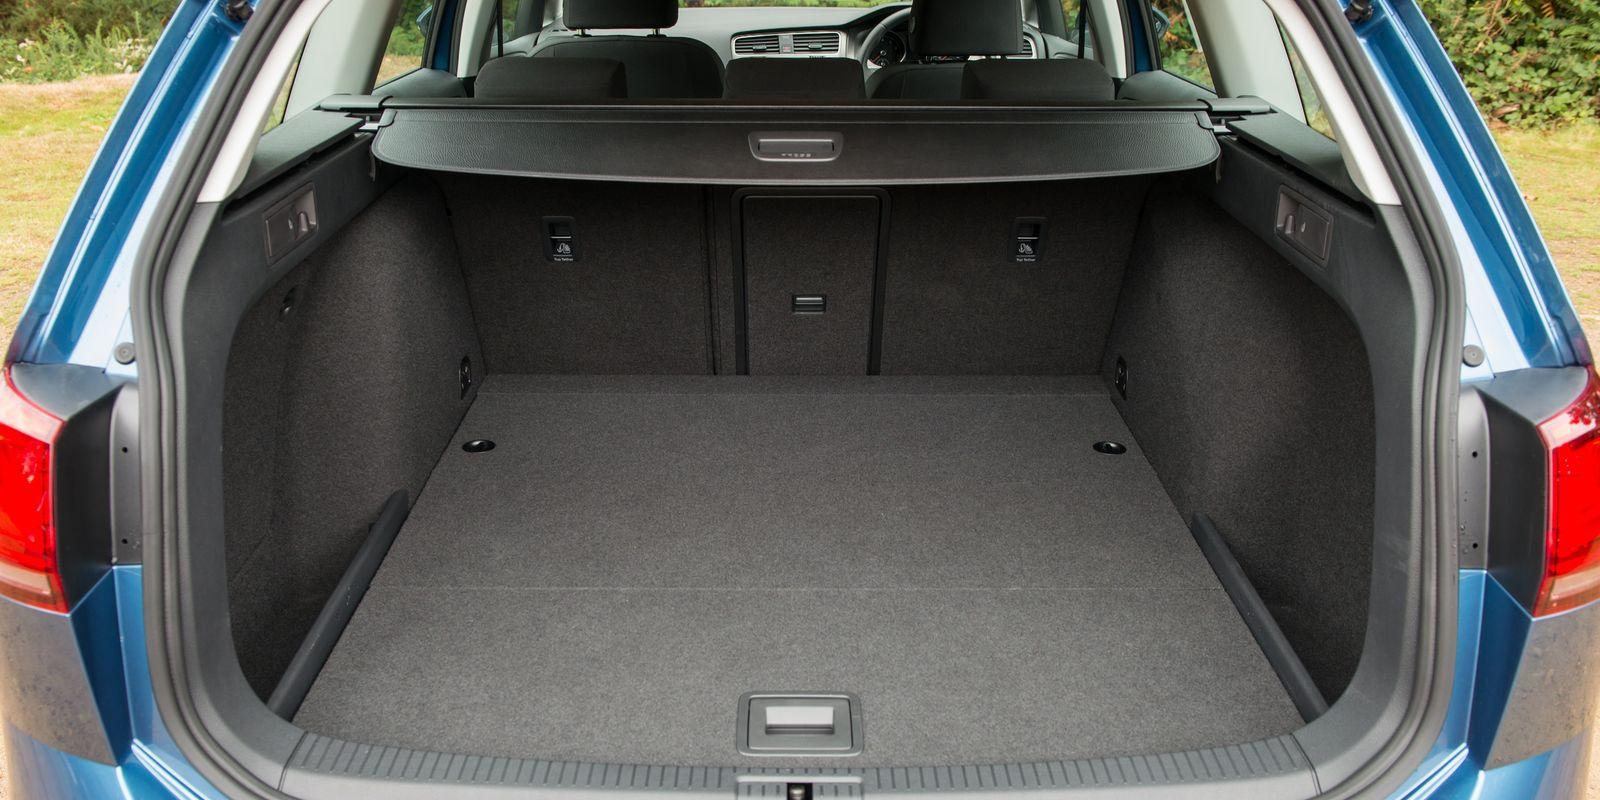 volkswagen golf estate review carwow. Black Bedroom Furniture Sets. Home Design Ideas